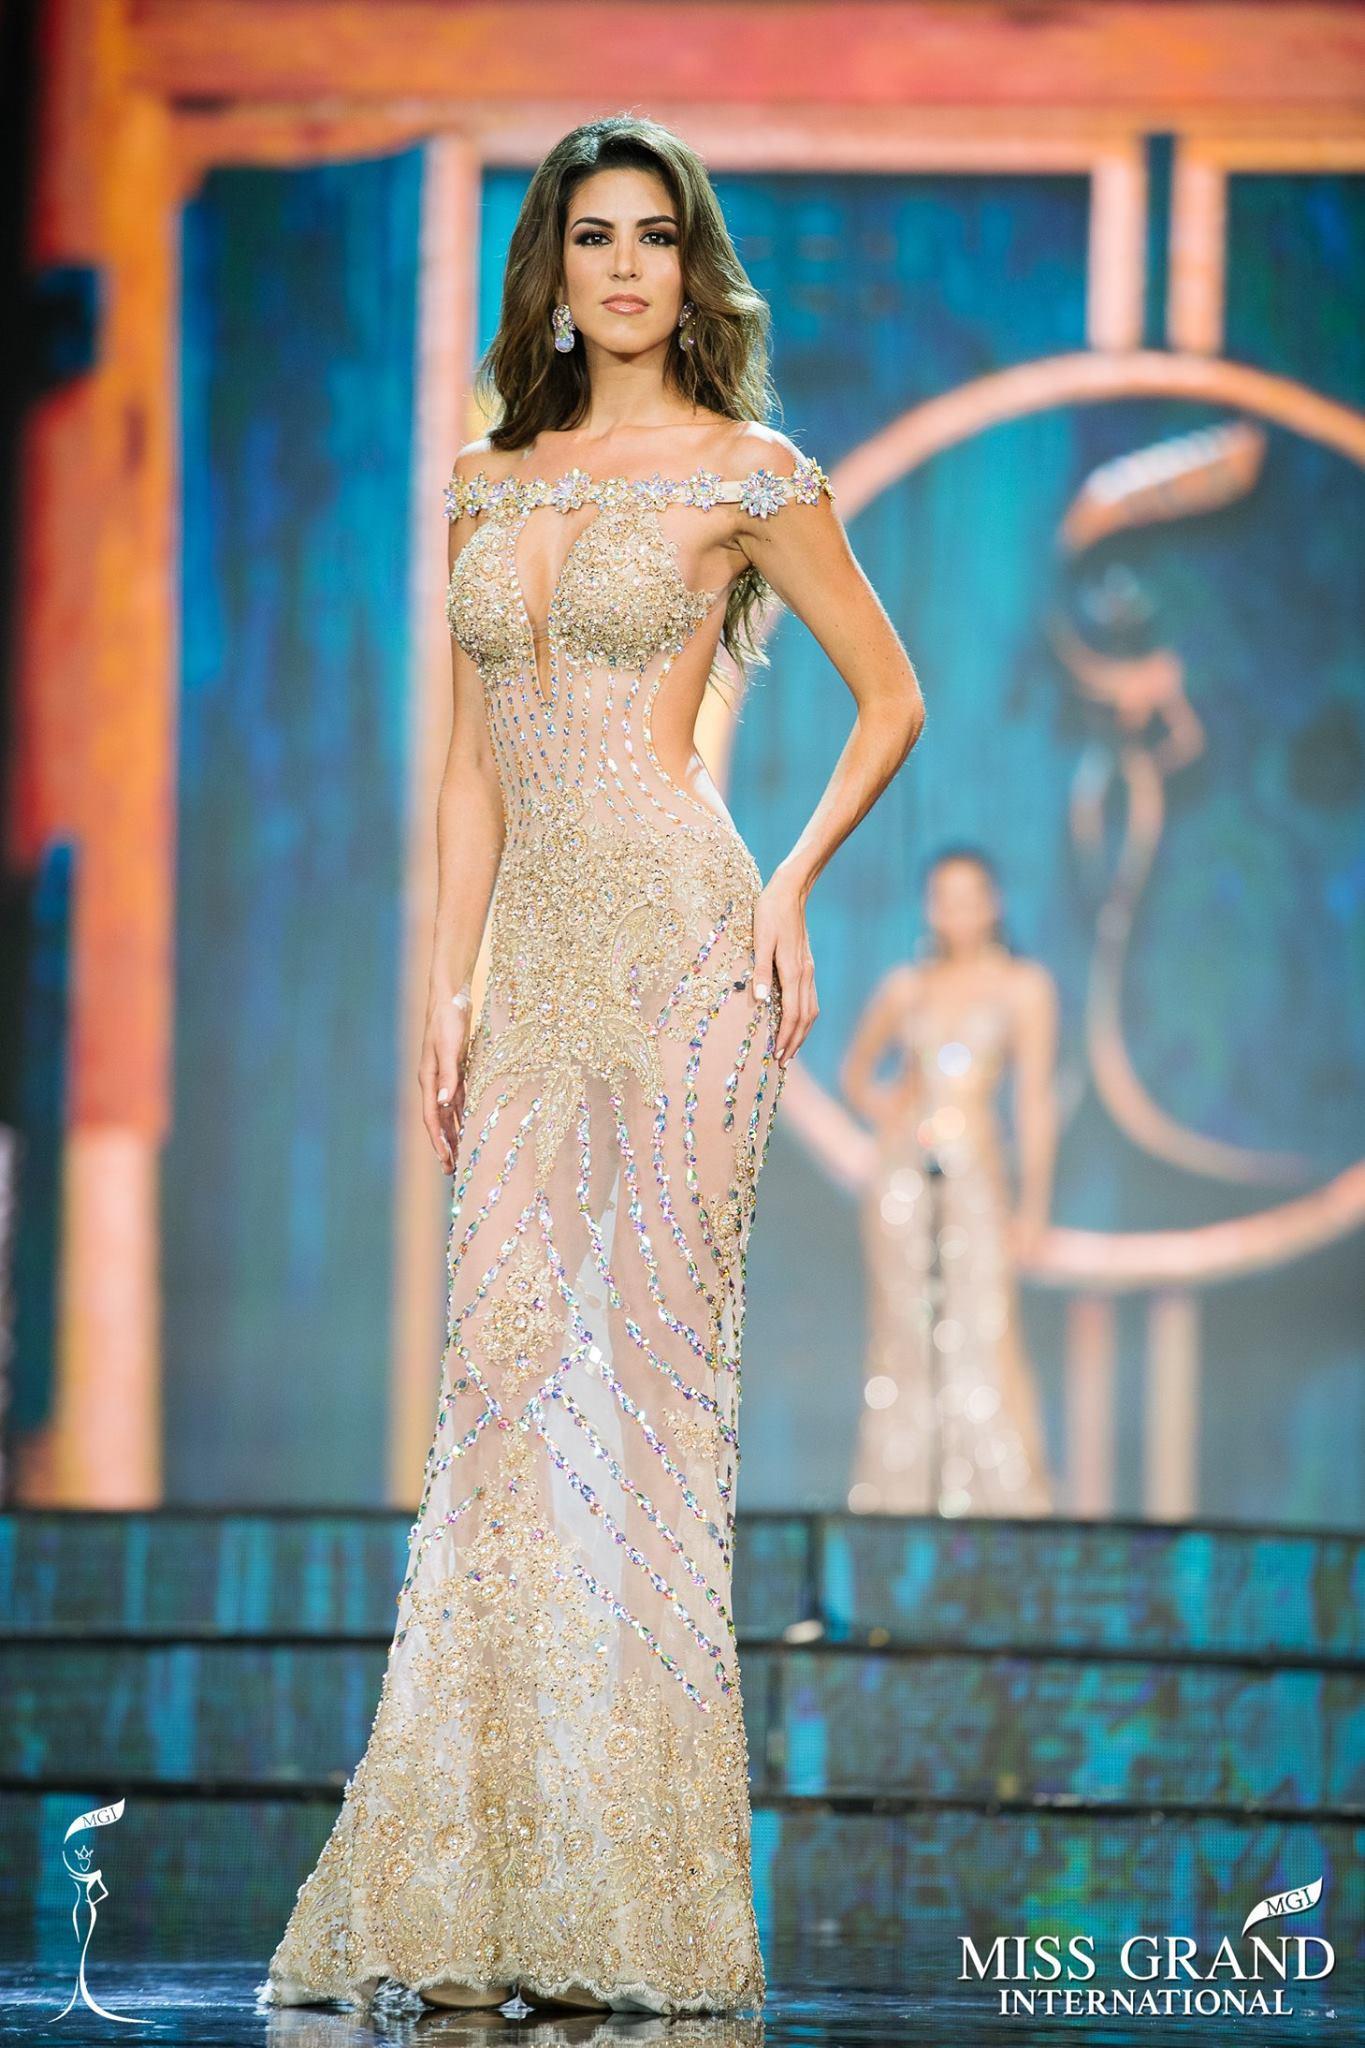 Cán cân lệch của 2 nữ hoàng sắc đẹp thế giới: Người tuyệt tác, kẻ thảm họa-4